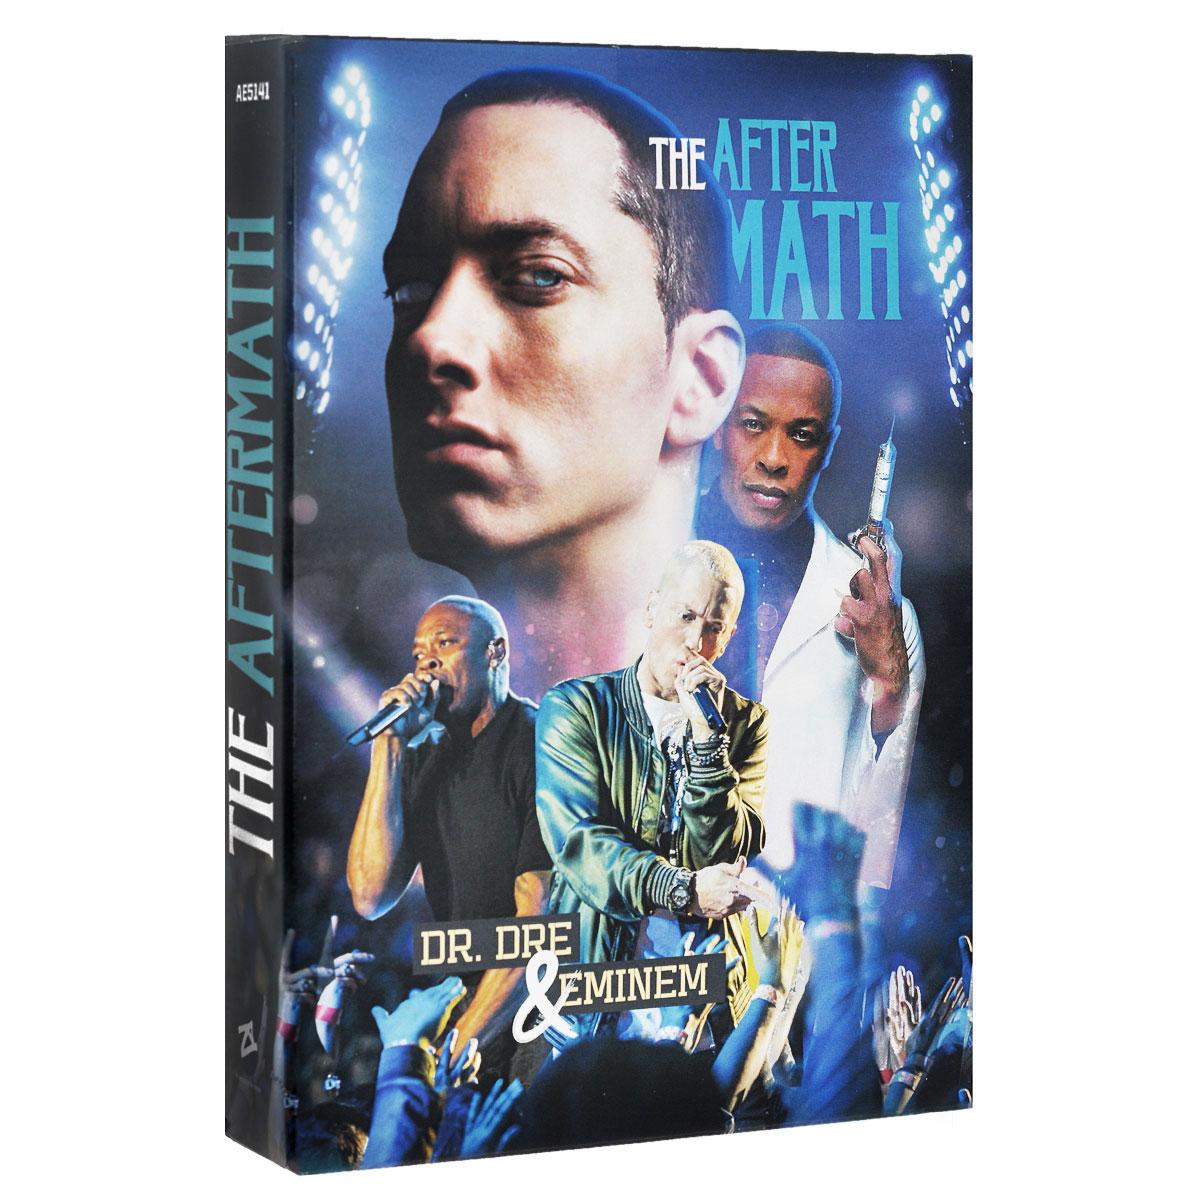 Dr. Dre & Eminem. The After Math (2 DVD) какие наушники dr dre